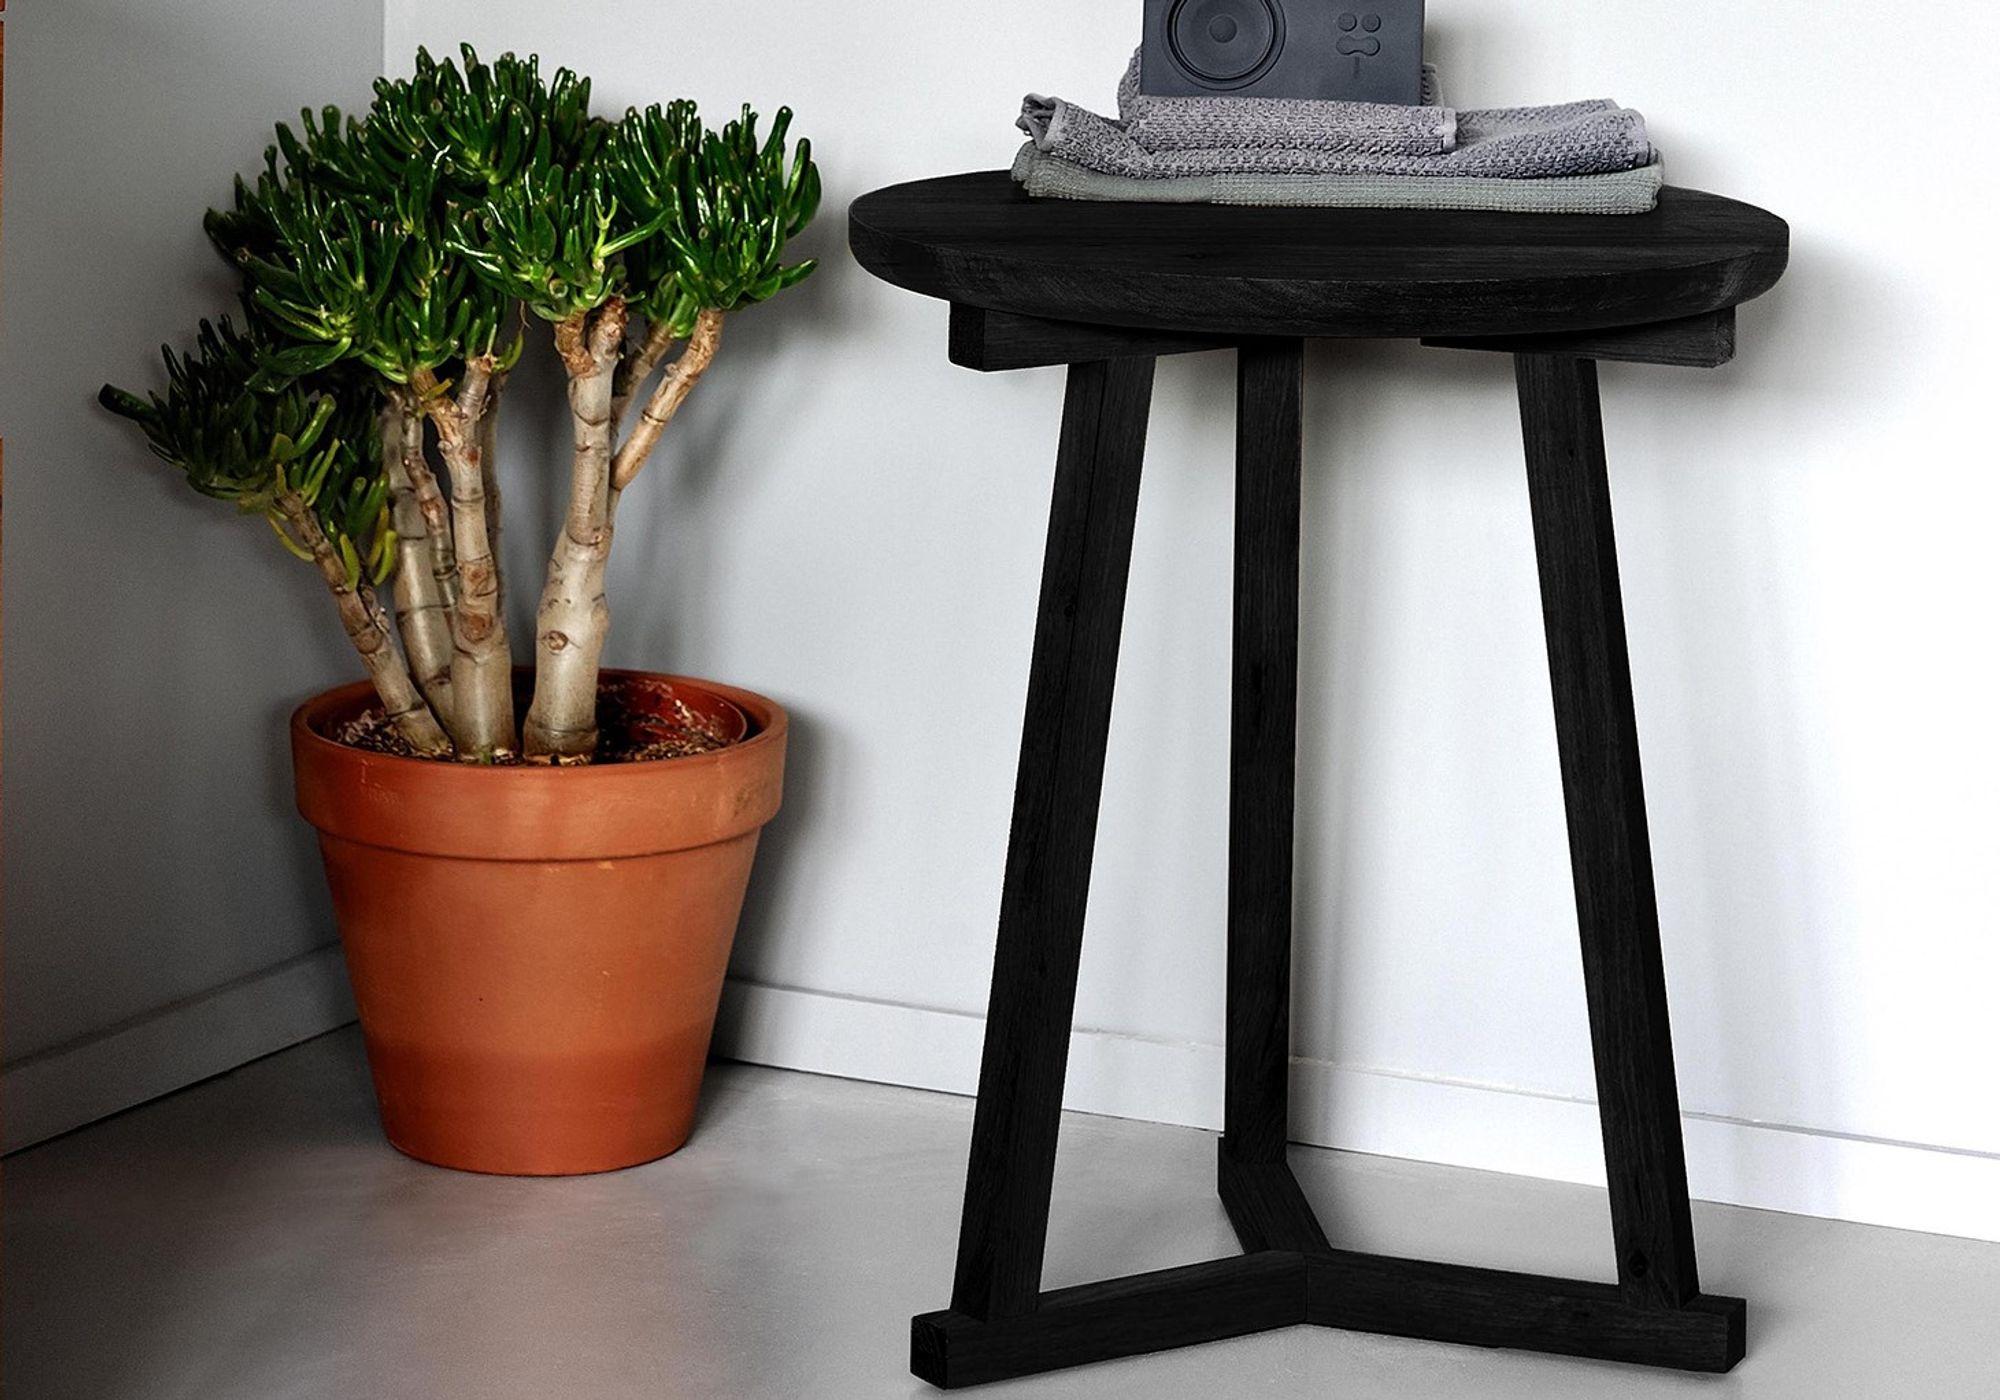 Bout de canapé chêne Tripod noir - ETHNICRAFT